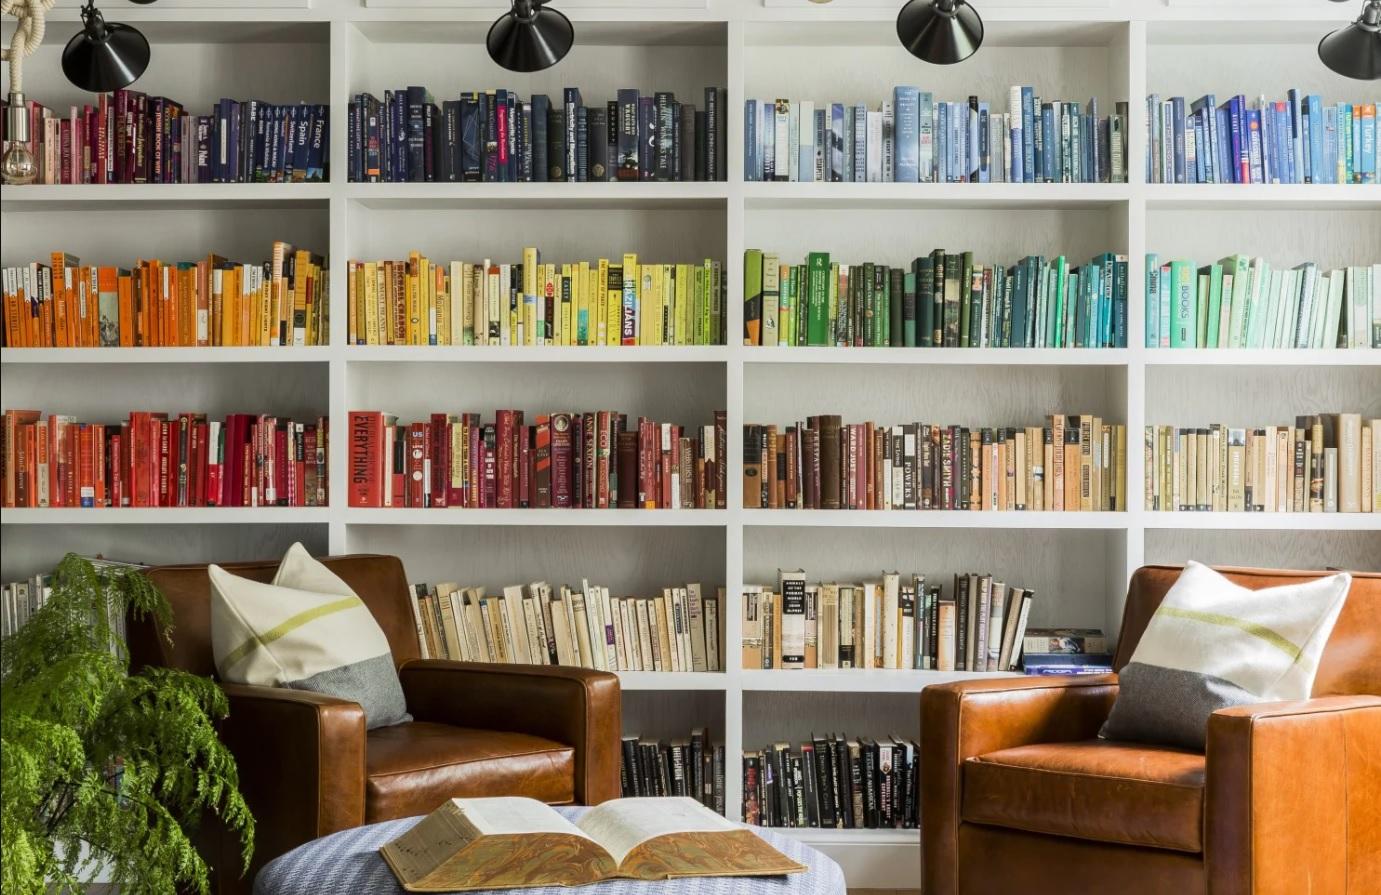 Urejanje knjižne police